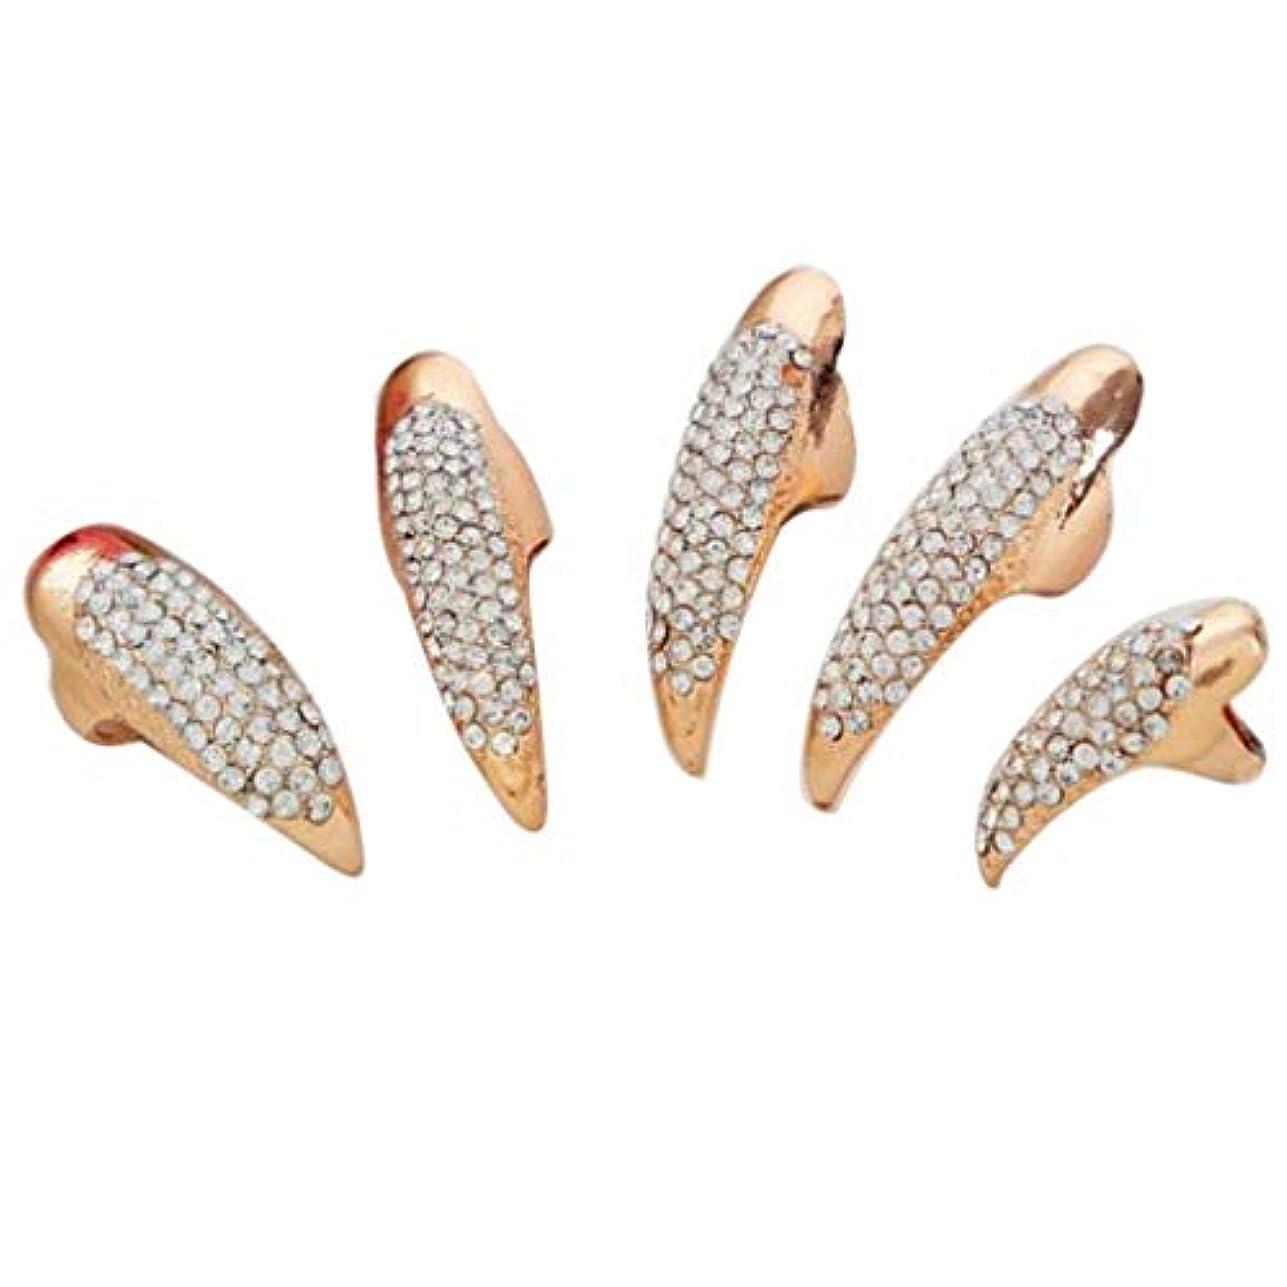 禁輸外国人湾B Baosity ネイルアート ネイルリング 爪リング ネイルチップ 指先 爪の指輪 キラキラ 2色選べ - ゴールデン